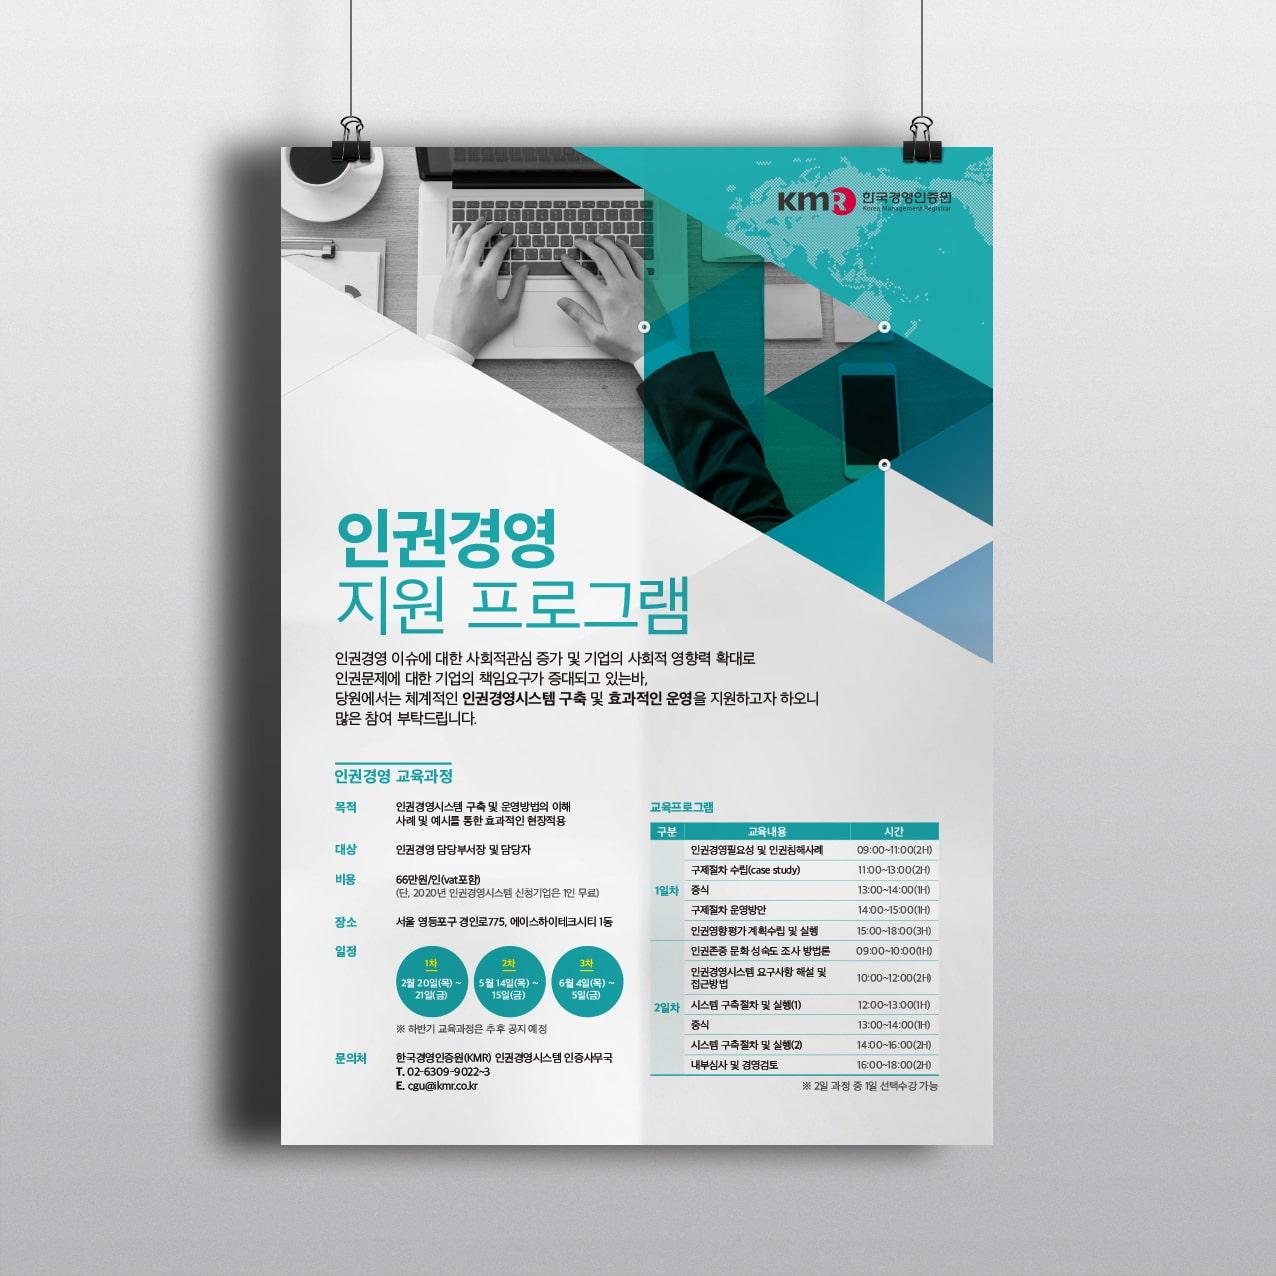 인권경영 지원 프로그램 포스터 디자인 시안 - 한국경영인증원